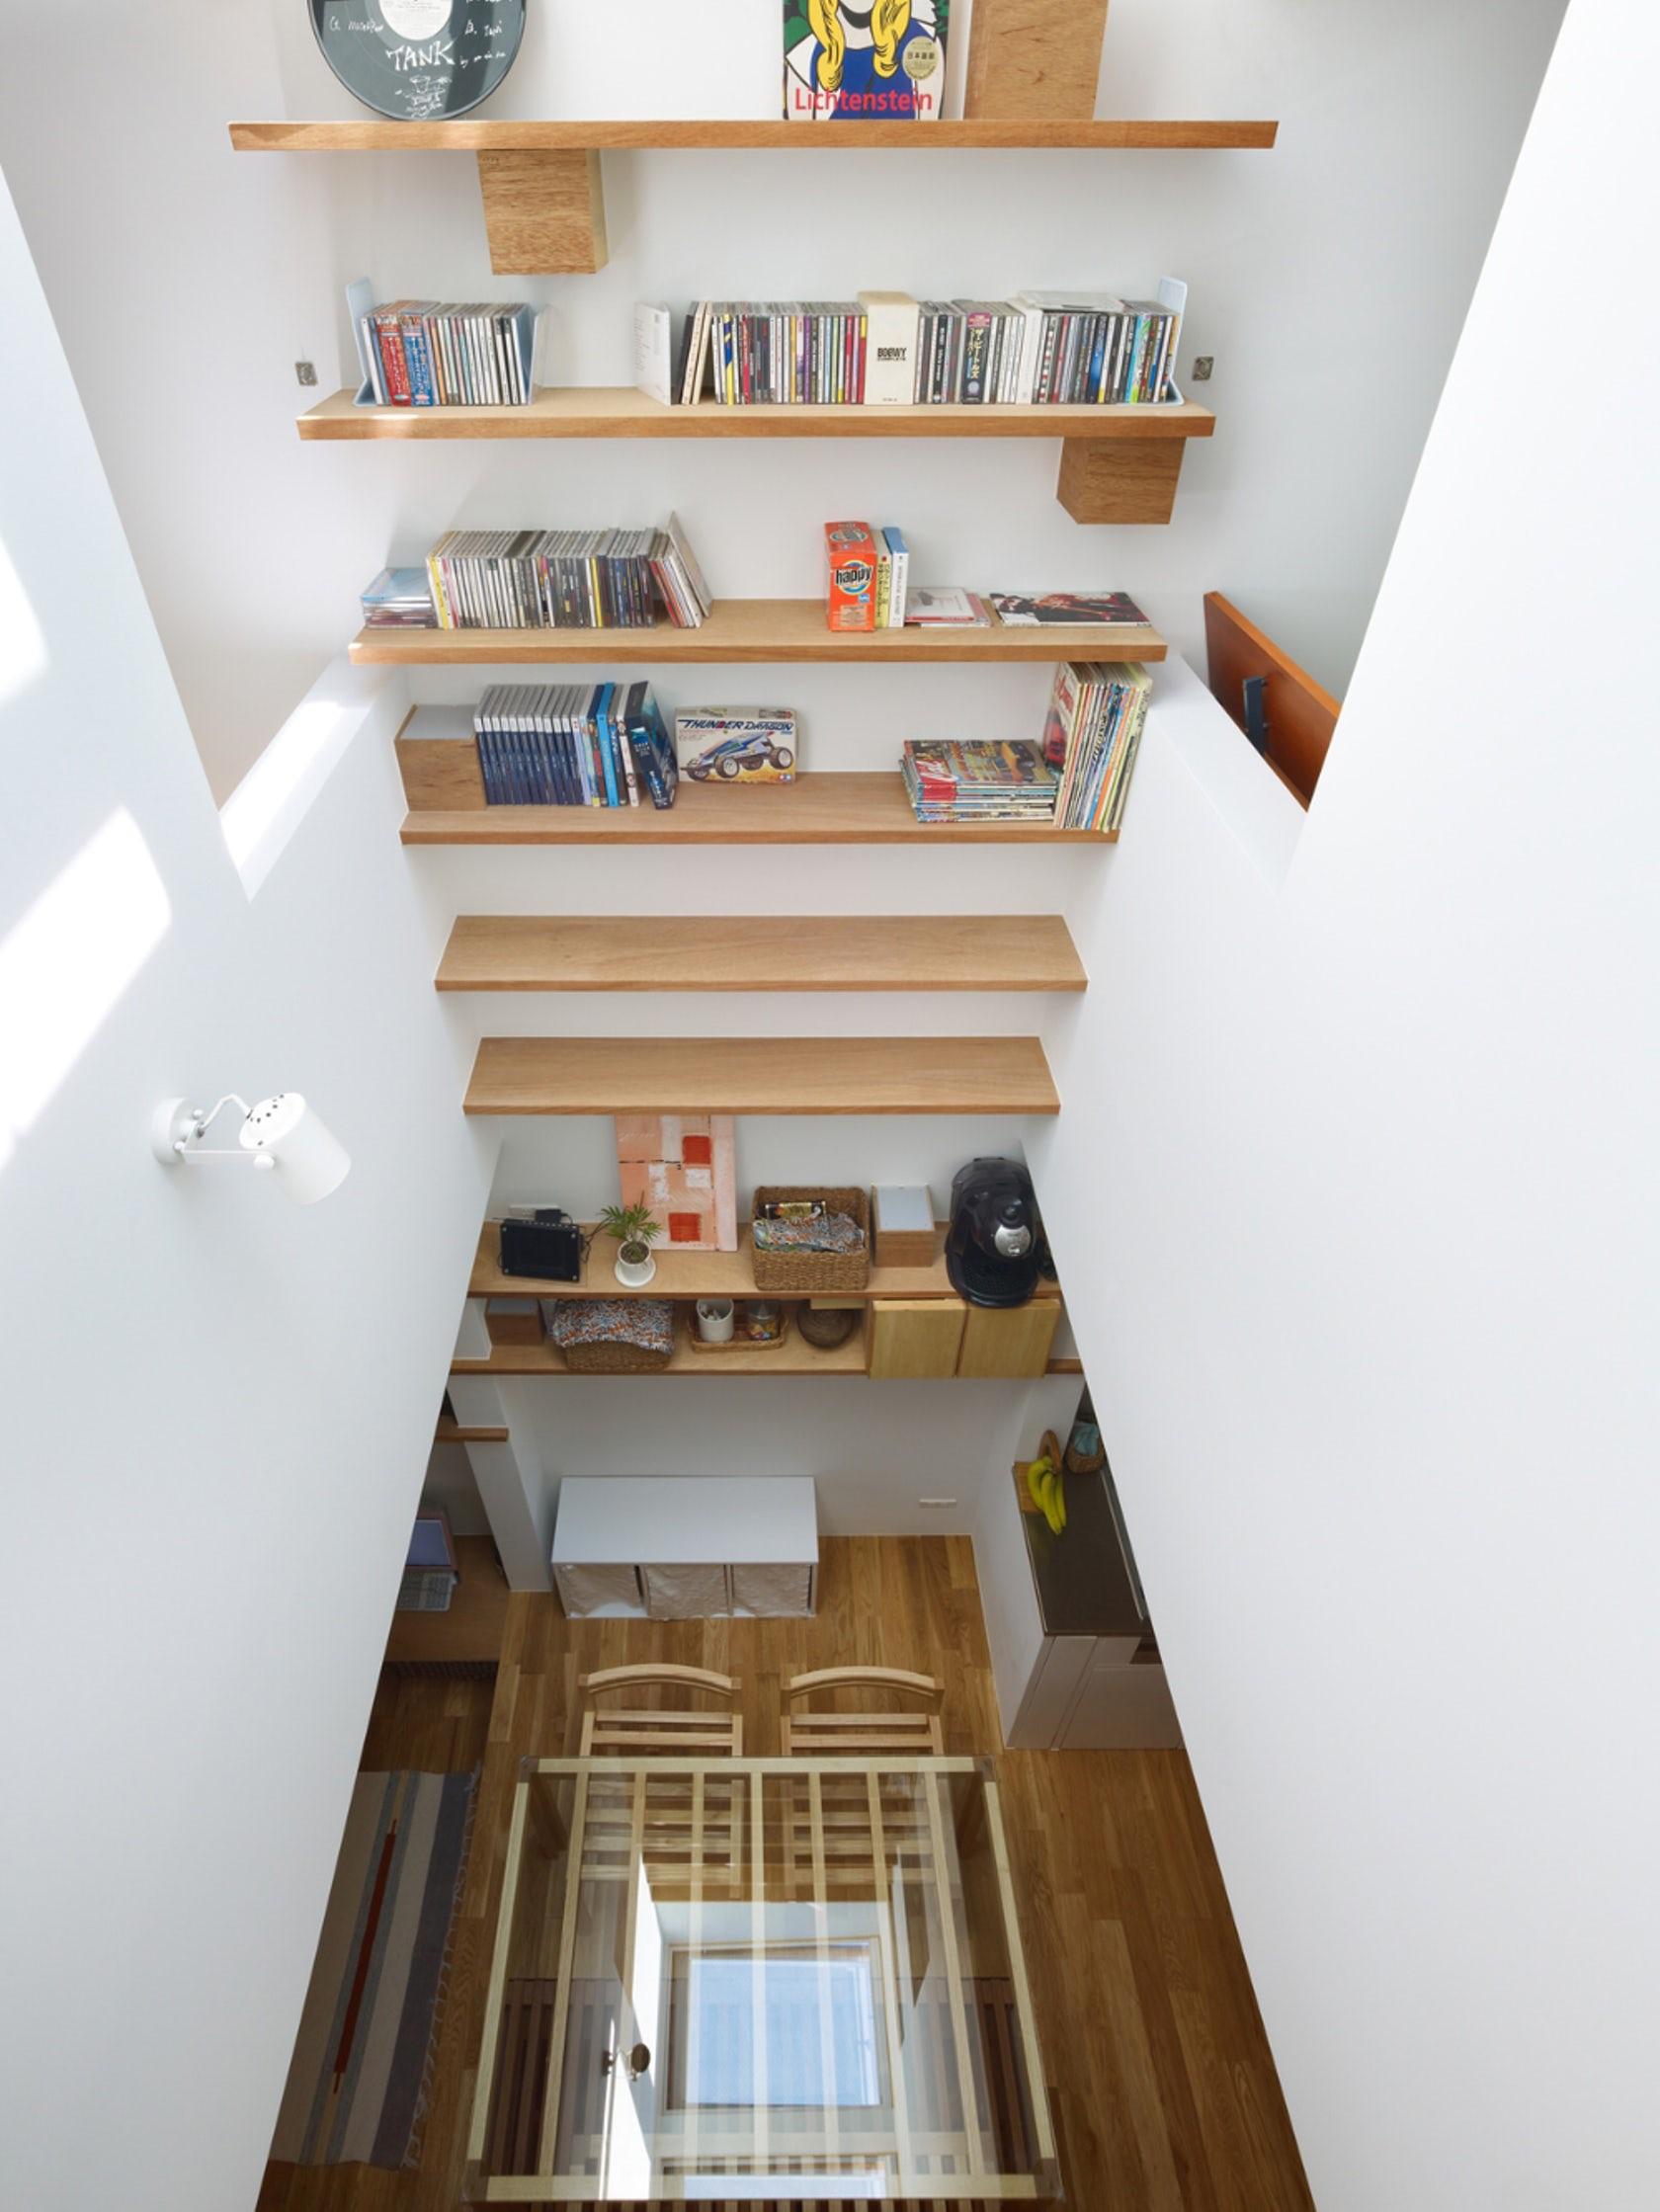 Ngôi nhà tí hon với mặt tiền hẹp 2,5m ở Nhật, sâu hun hút nhưng gây bất ngờ nhờ sở hữu thiết kế quá thông minh - Ảnh 9.